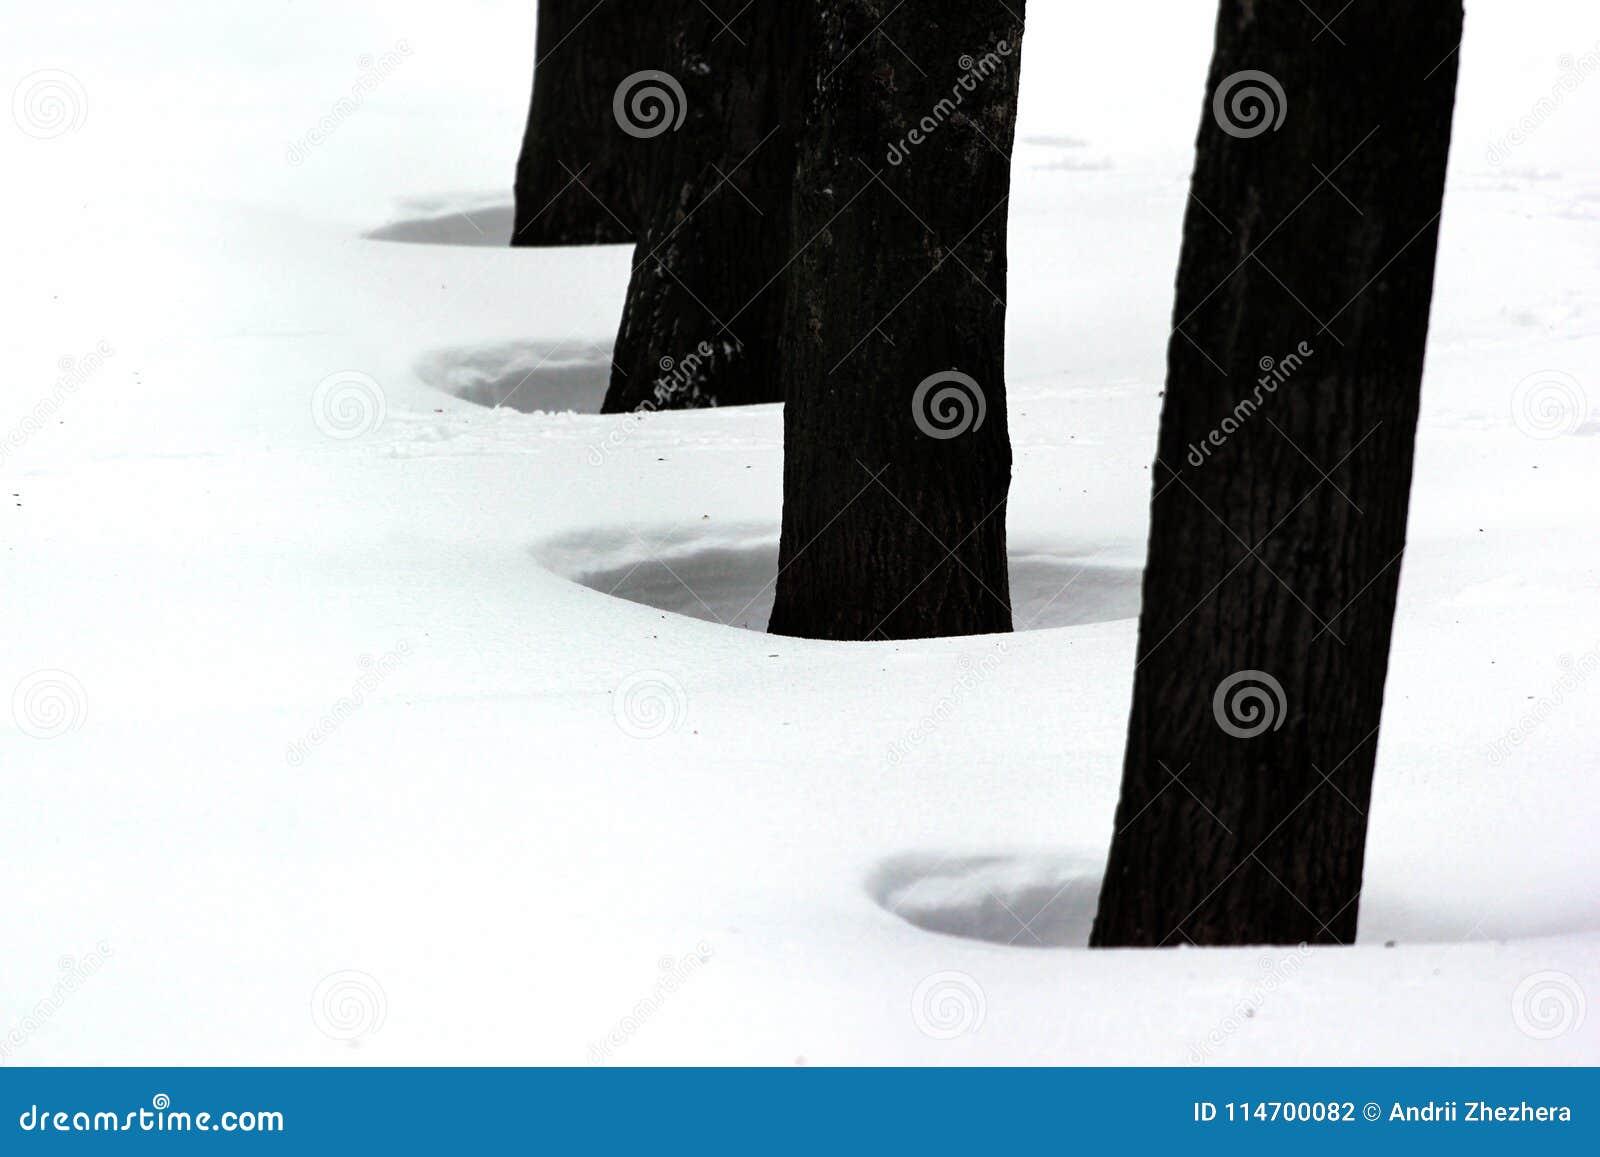 Gaten in sneeuw door de wind en de sneeuwstorm wordt geblazen die